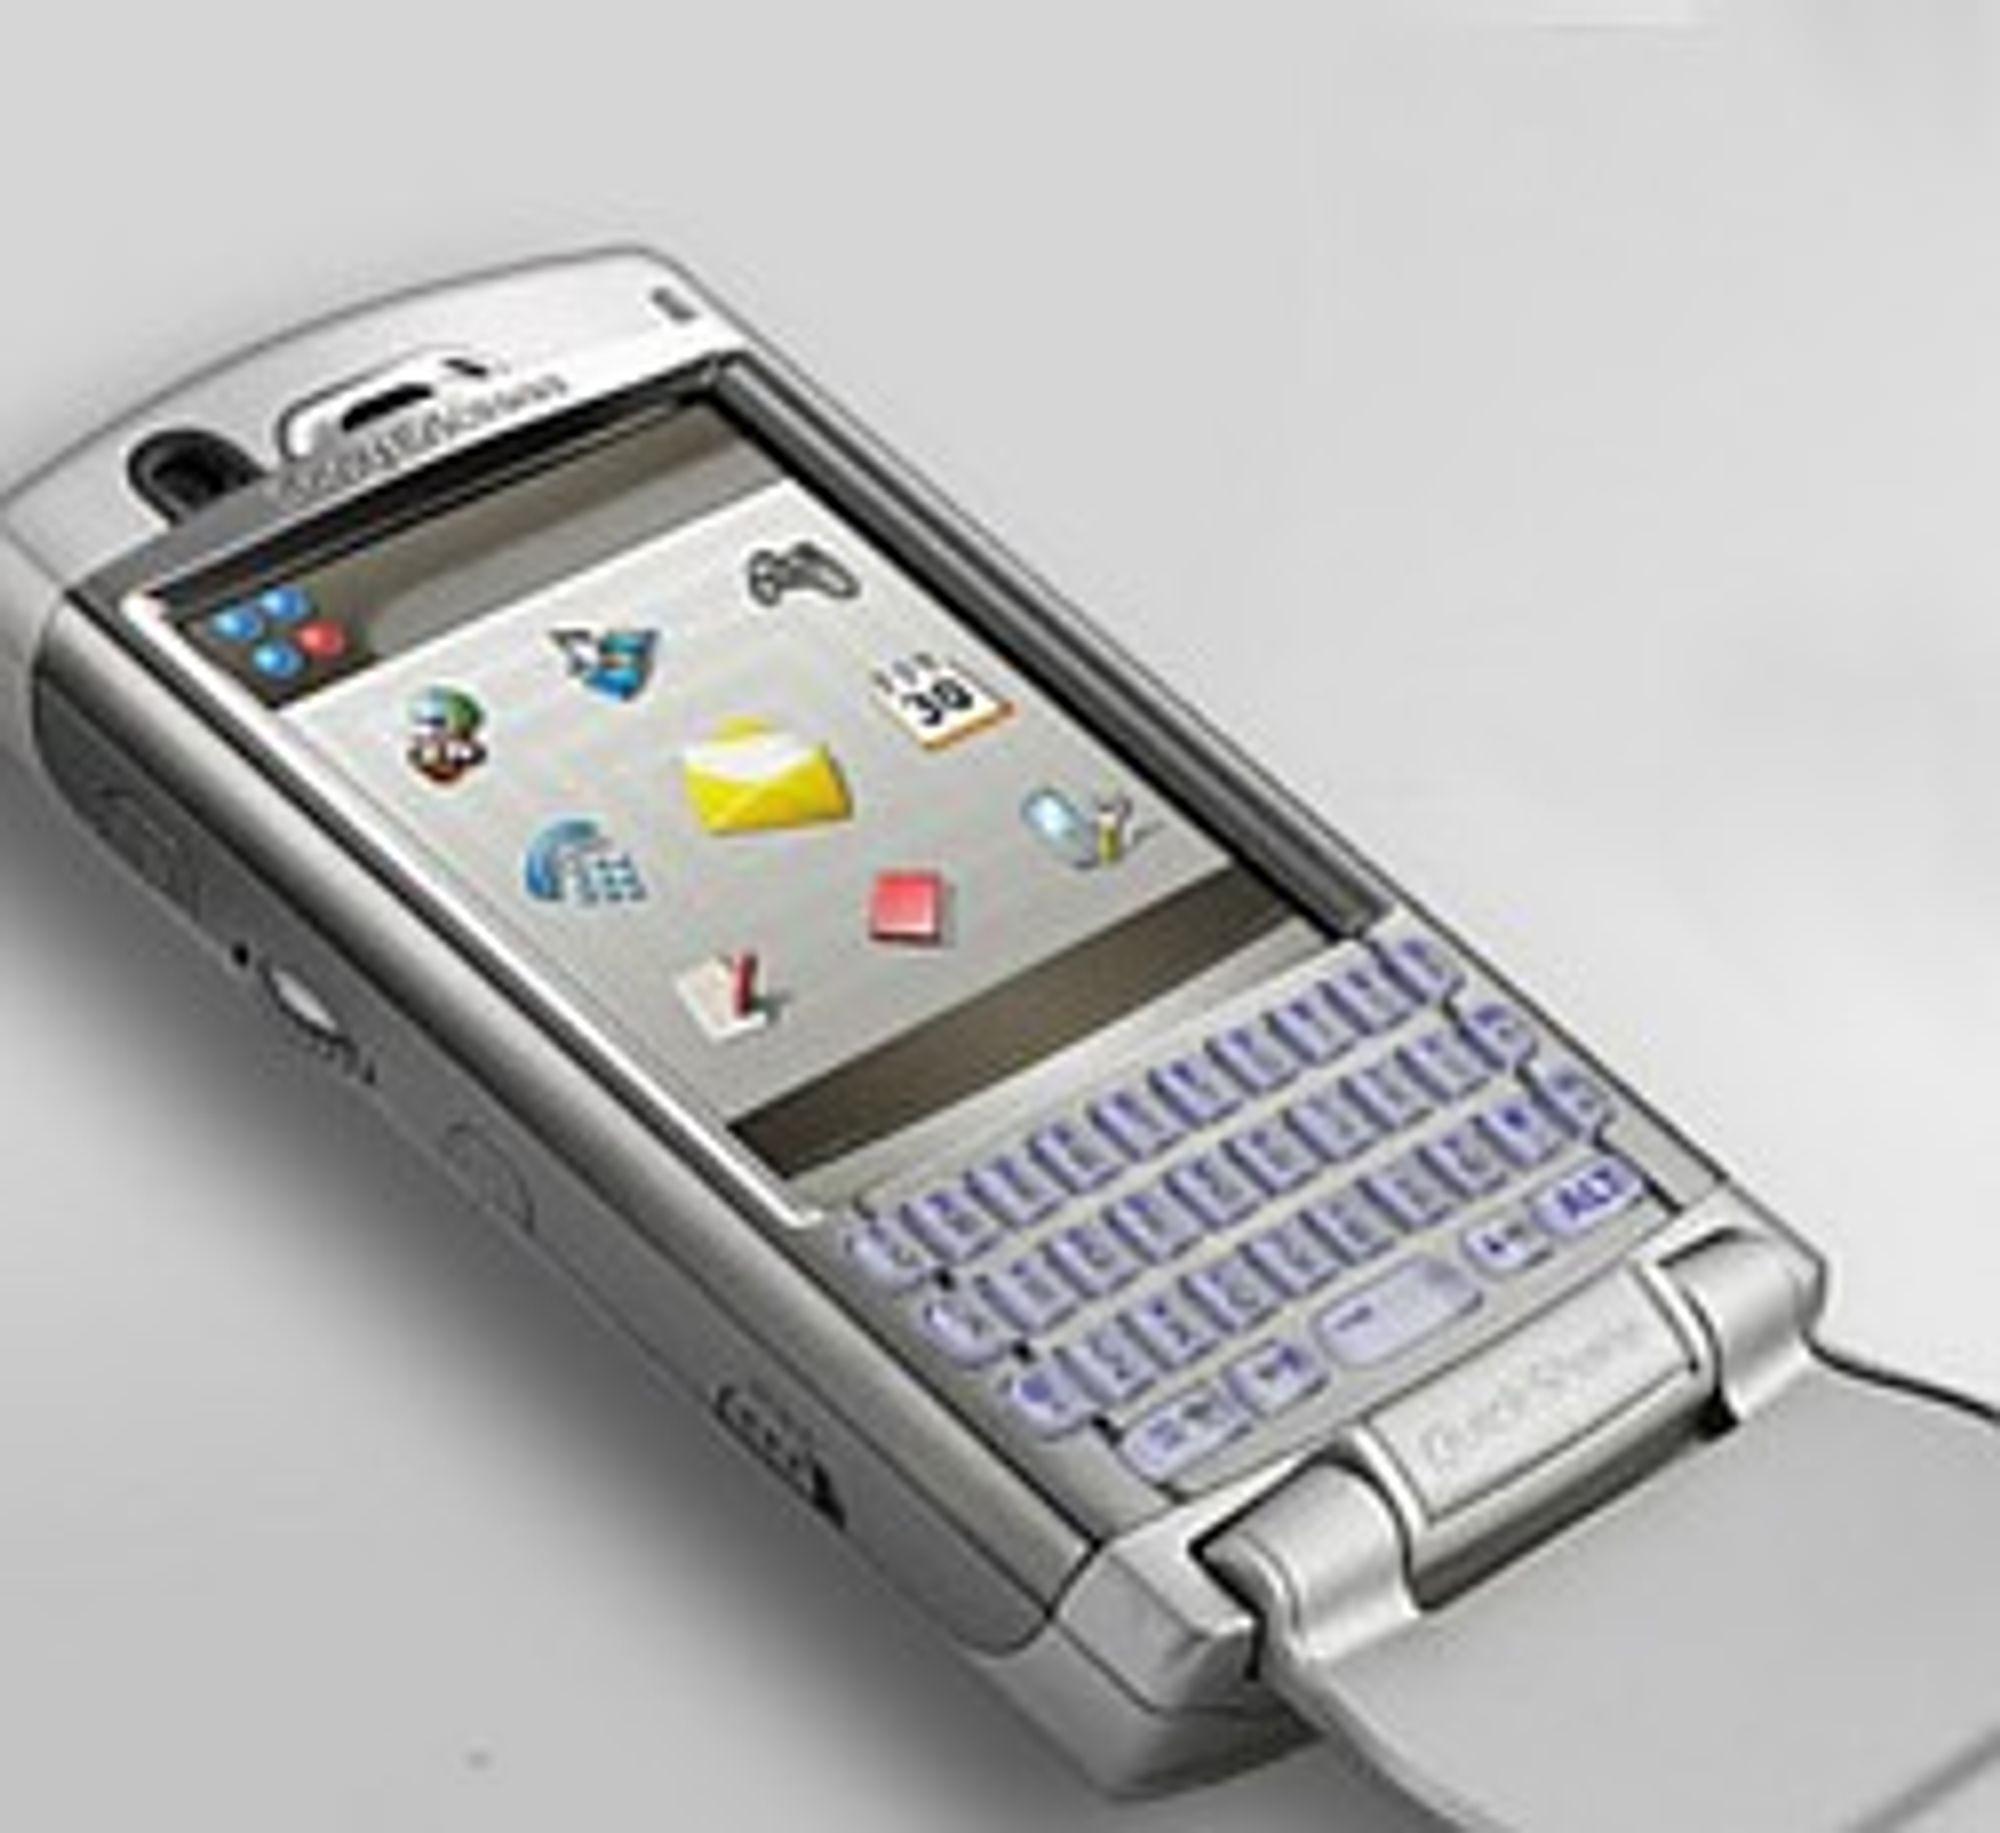 Har du fått deg en smarttelefon, har du mange muligheter.